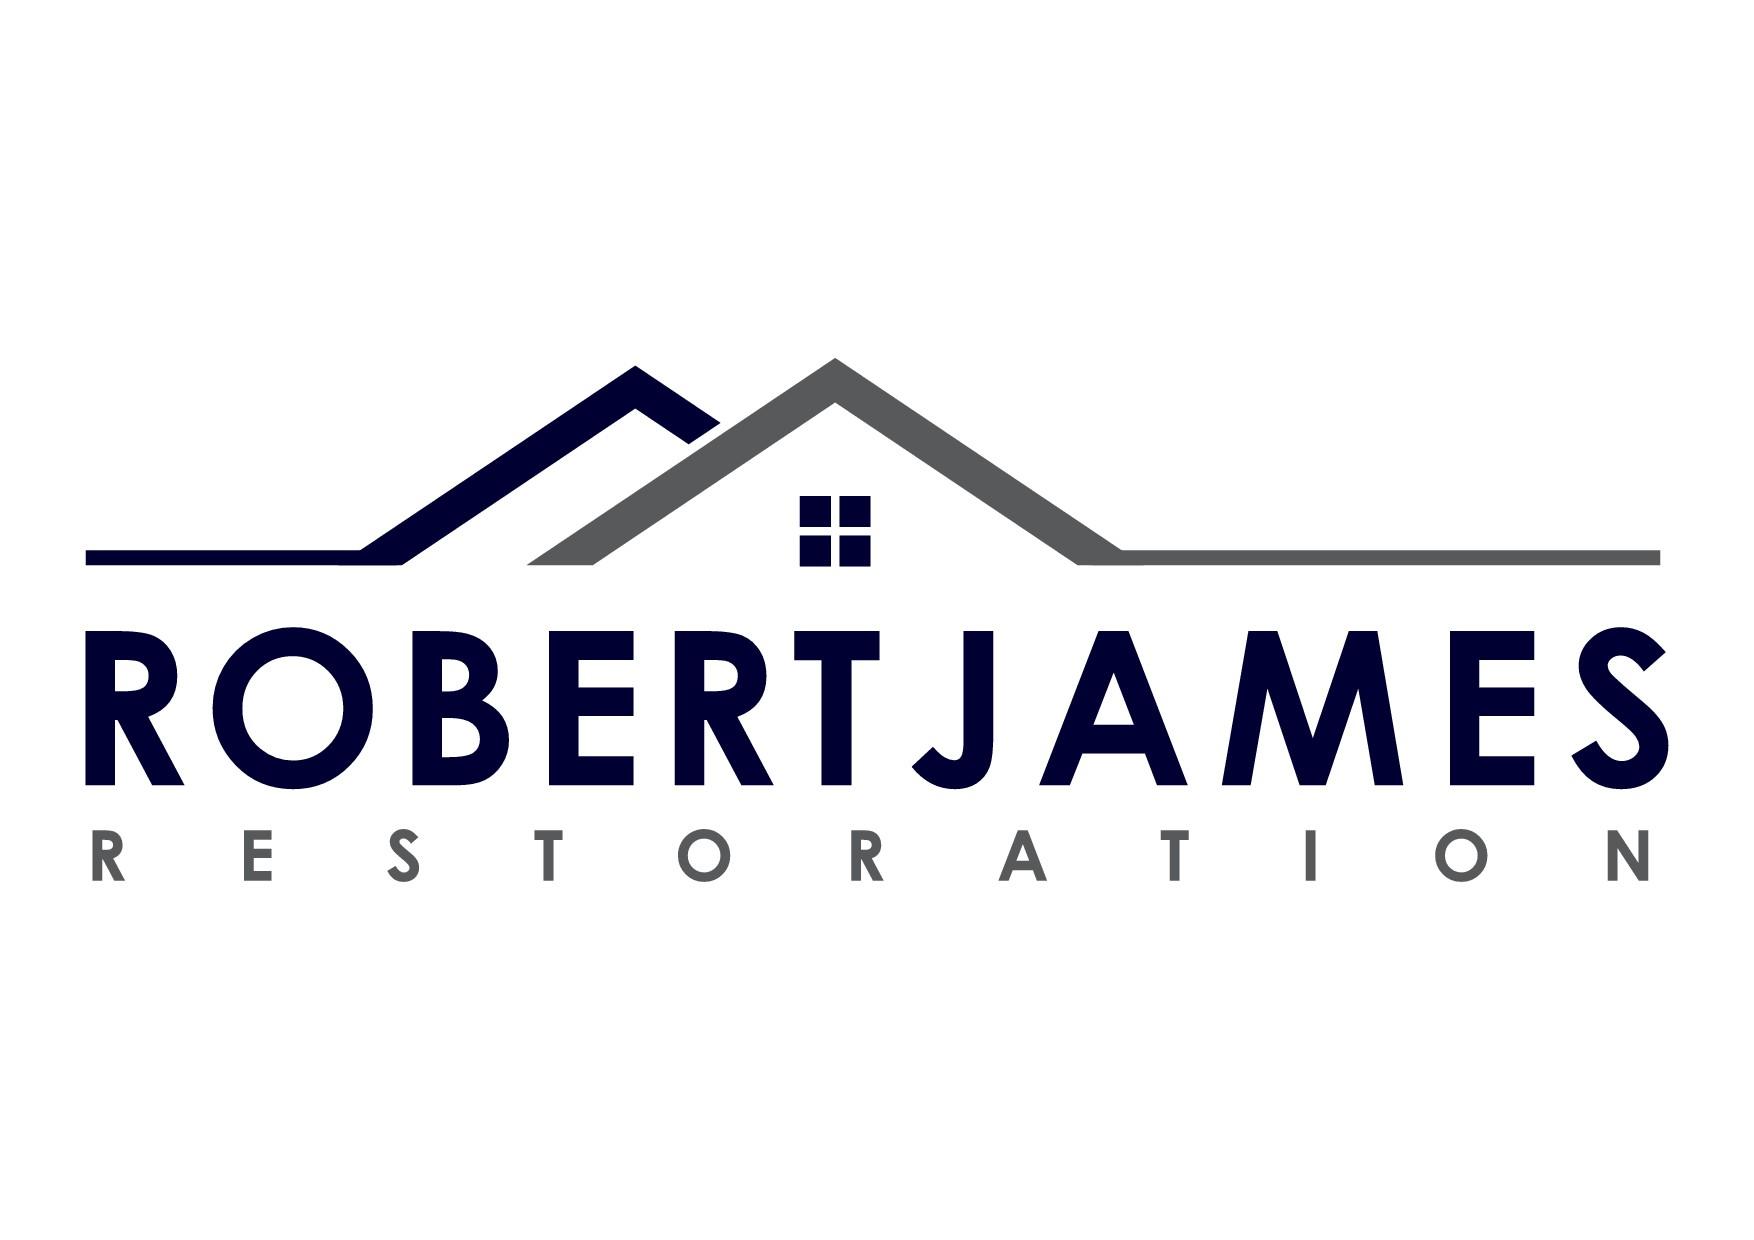 Robert James Restoration needs a new modern logo!